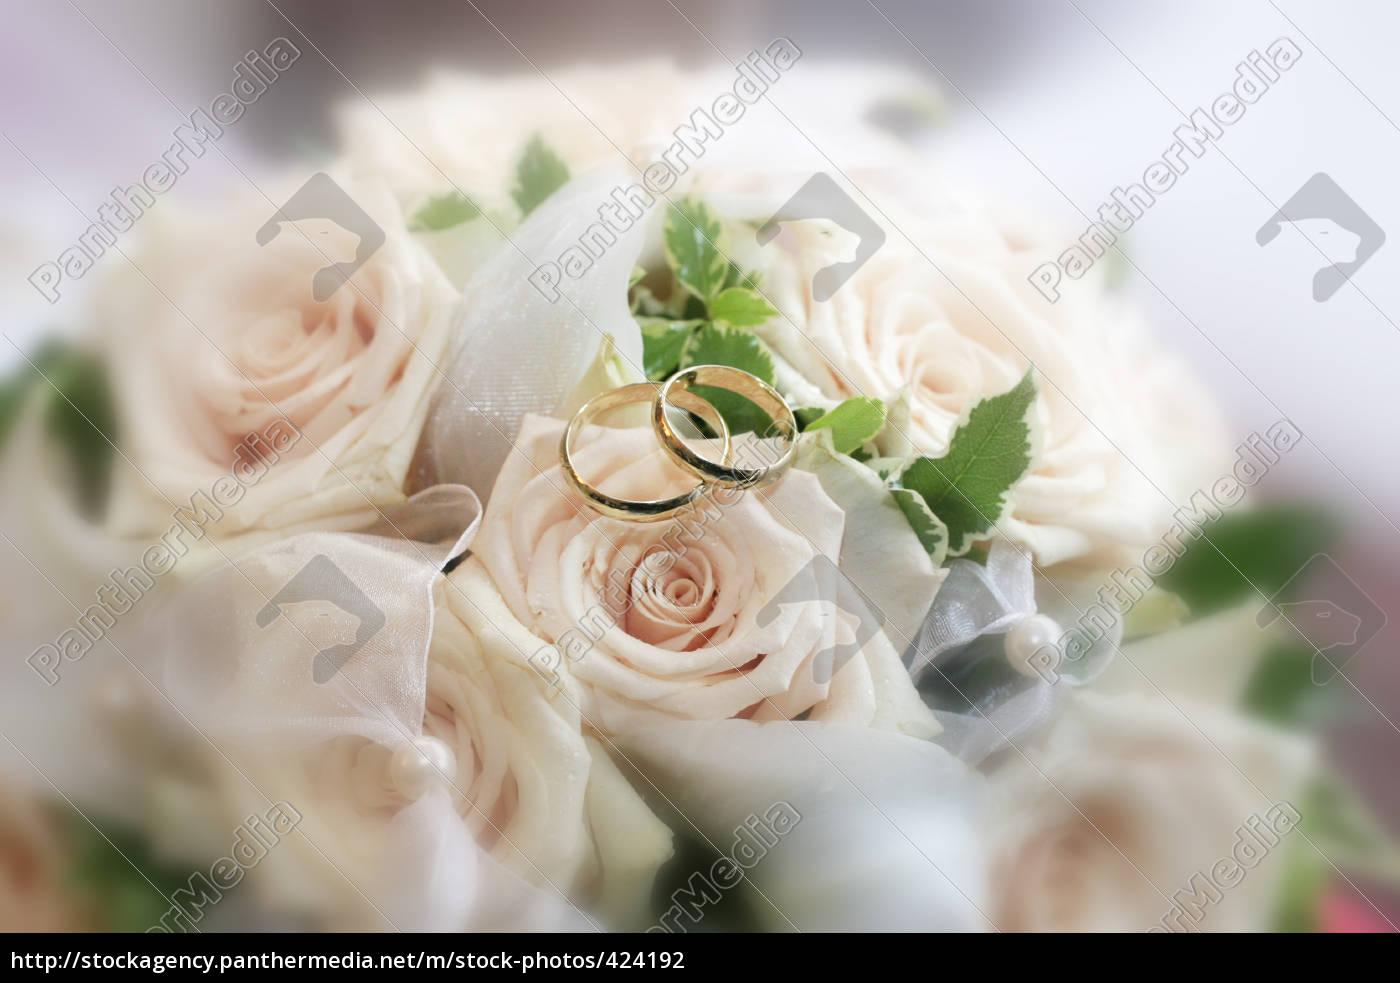 wedding, bouquet - 424192